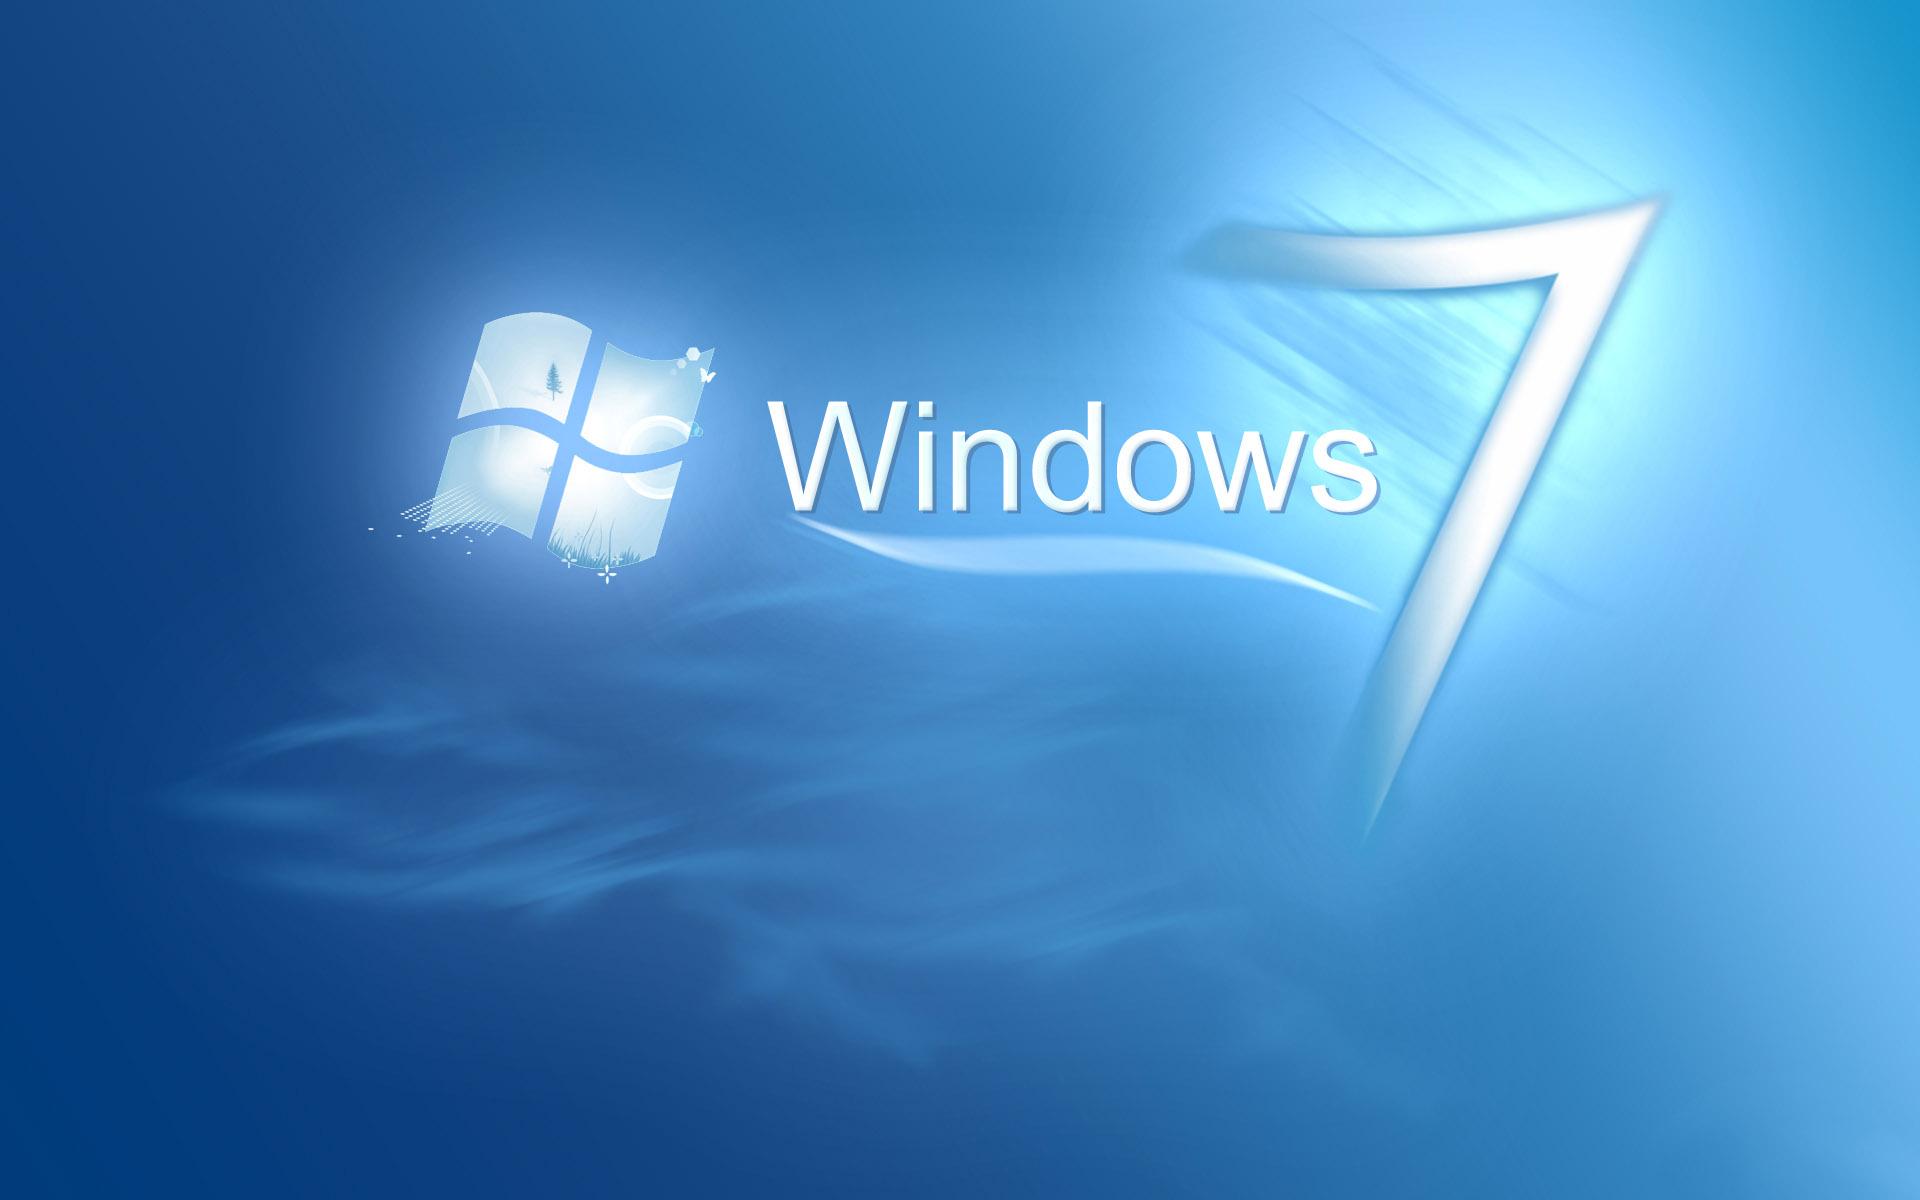 skachat-windows-7-besplatno-photo-9